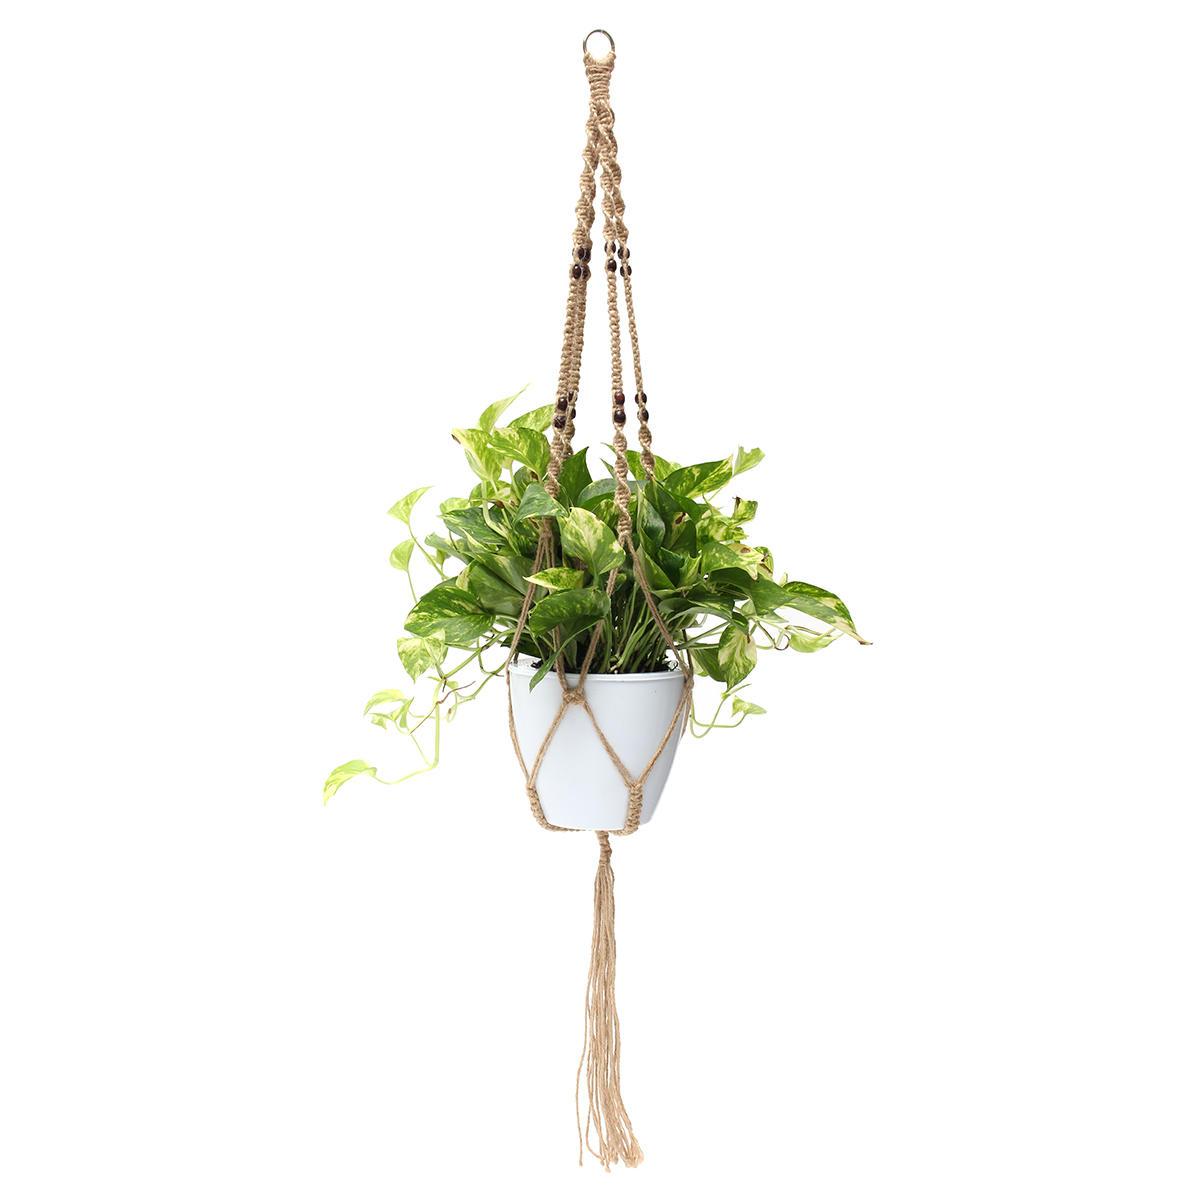 48 '' 4 Jambières Macrame Plant Hanger Holder Hanging Planter Basket Jute Rope Beads